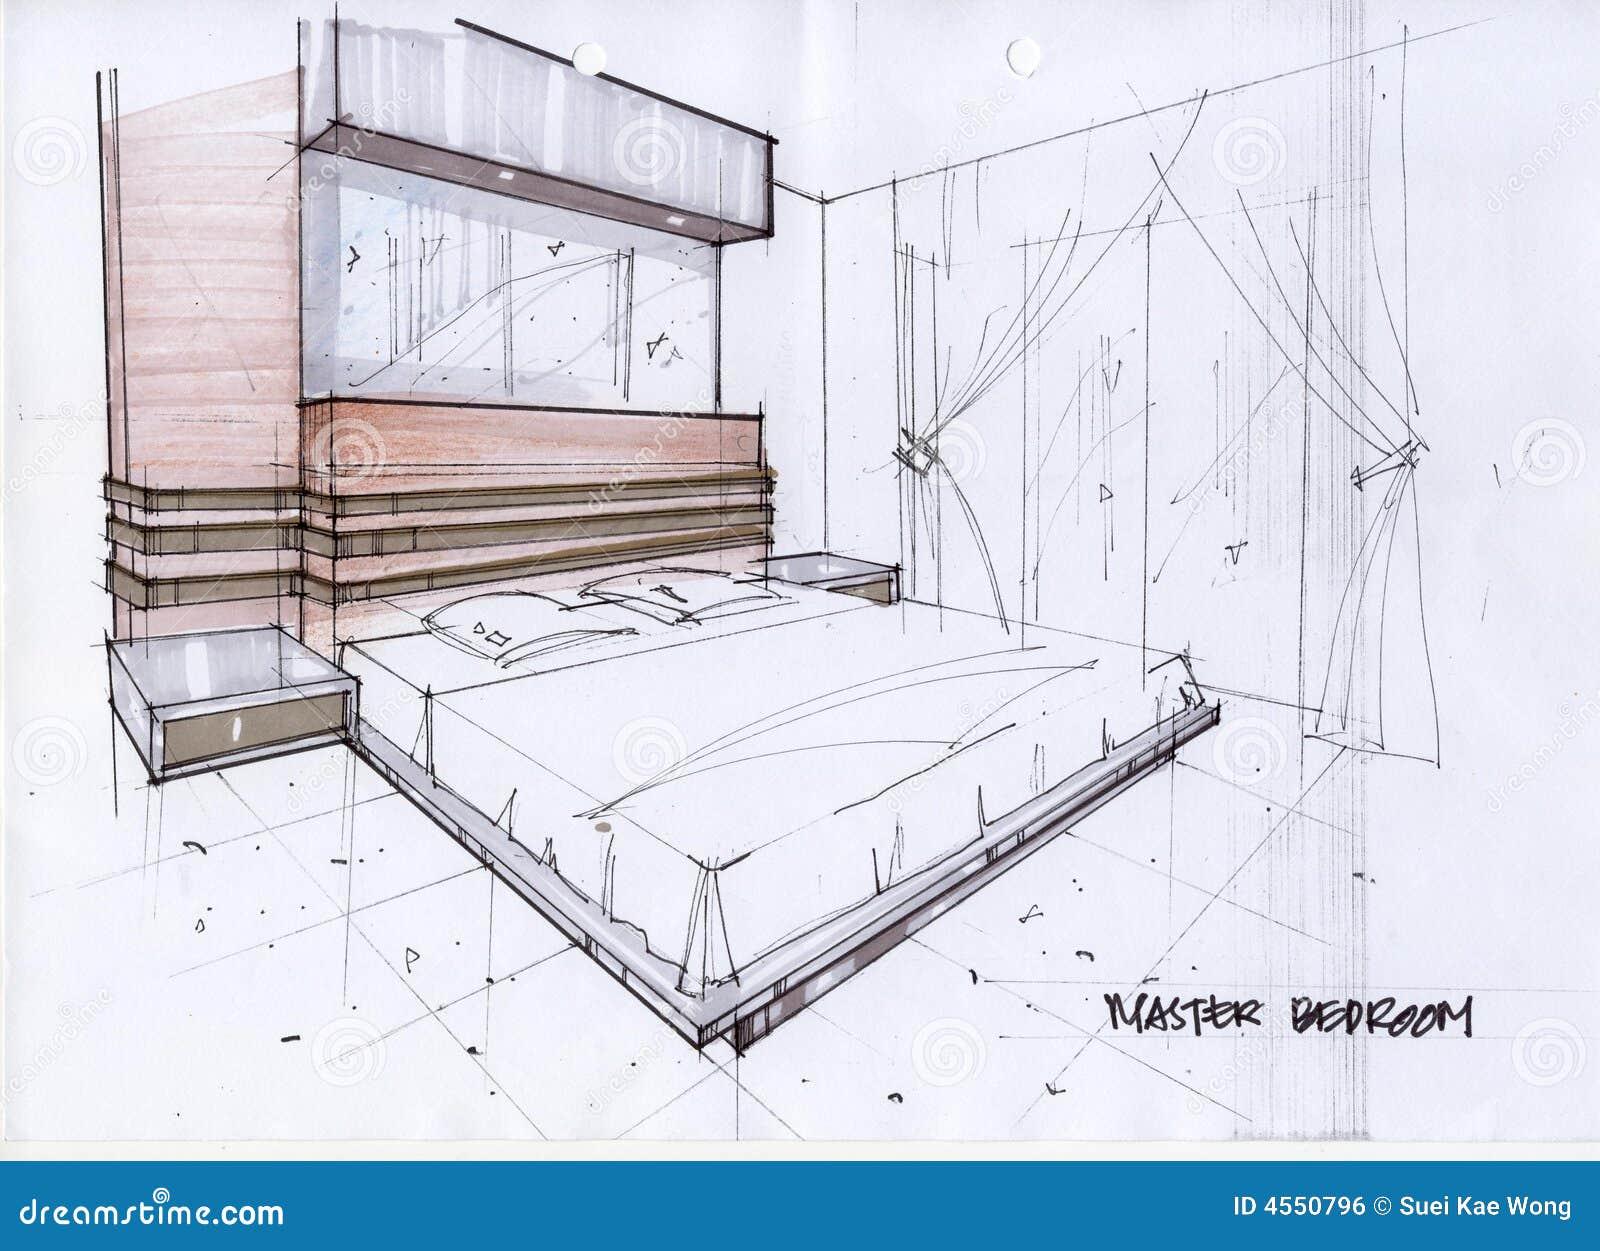 3d Illustratie Van De Schets Voor Een Hoofdslaapkamer